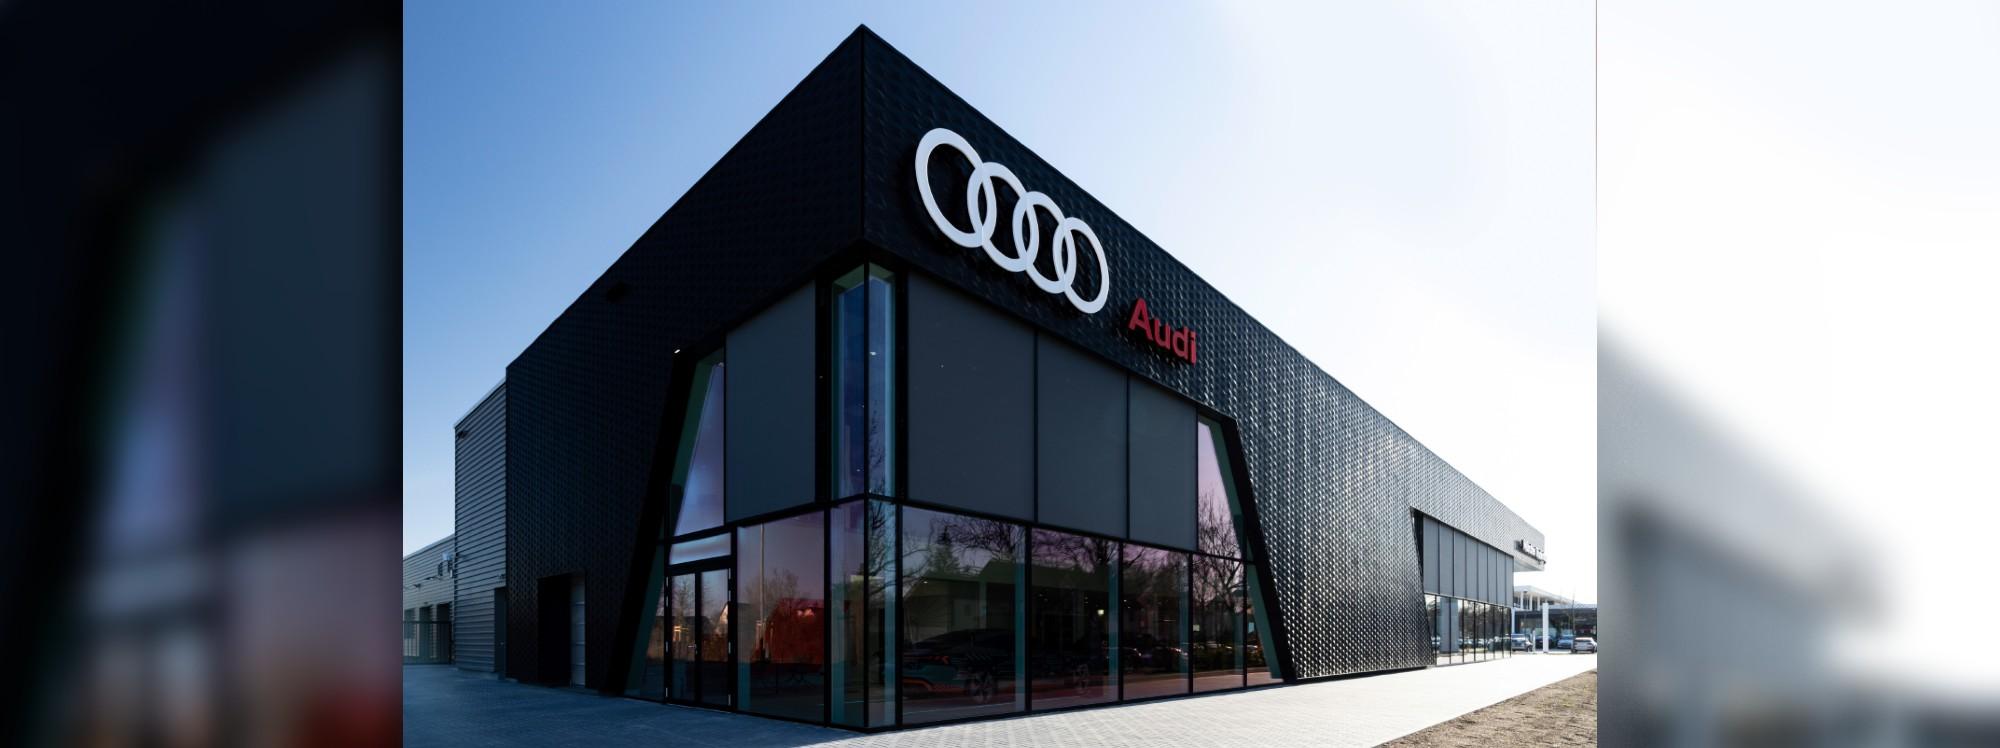 Sostenible y digital: Audi abre una nueva tienda insignia en Múnich